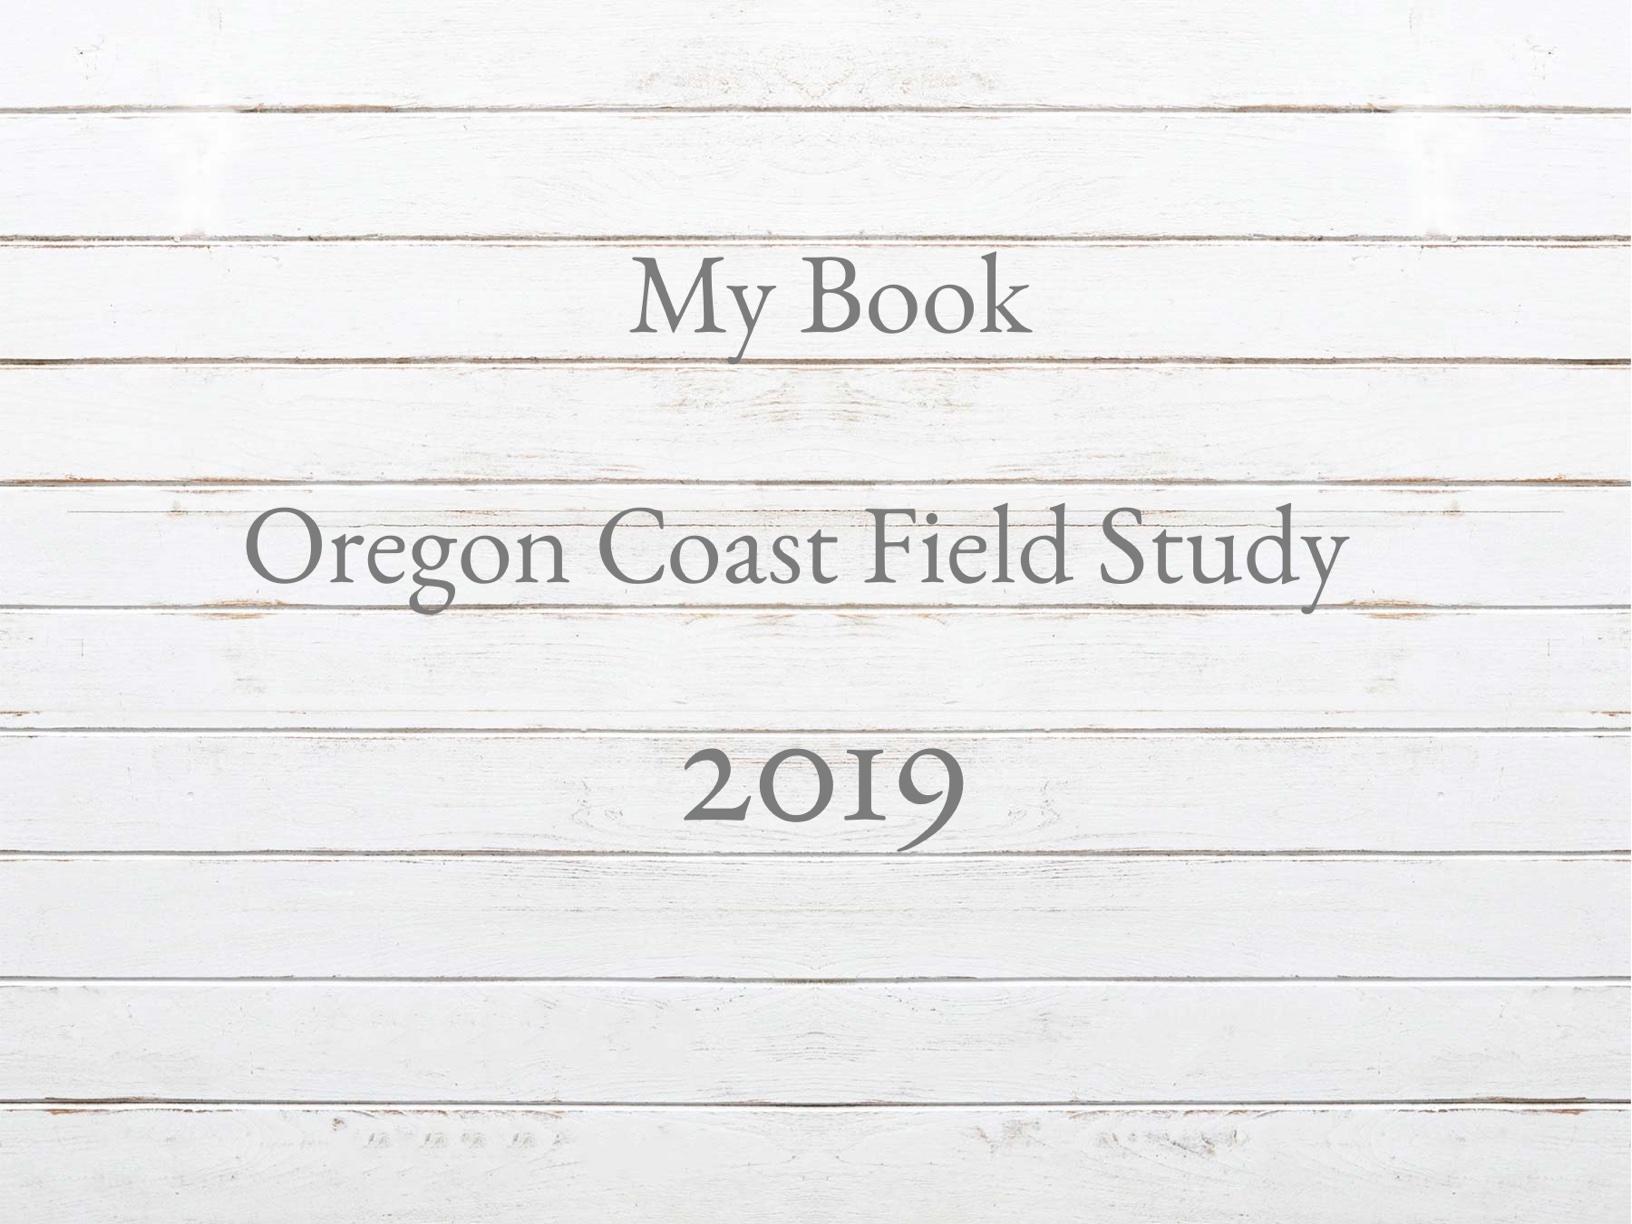 Going Coastal 2019